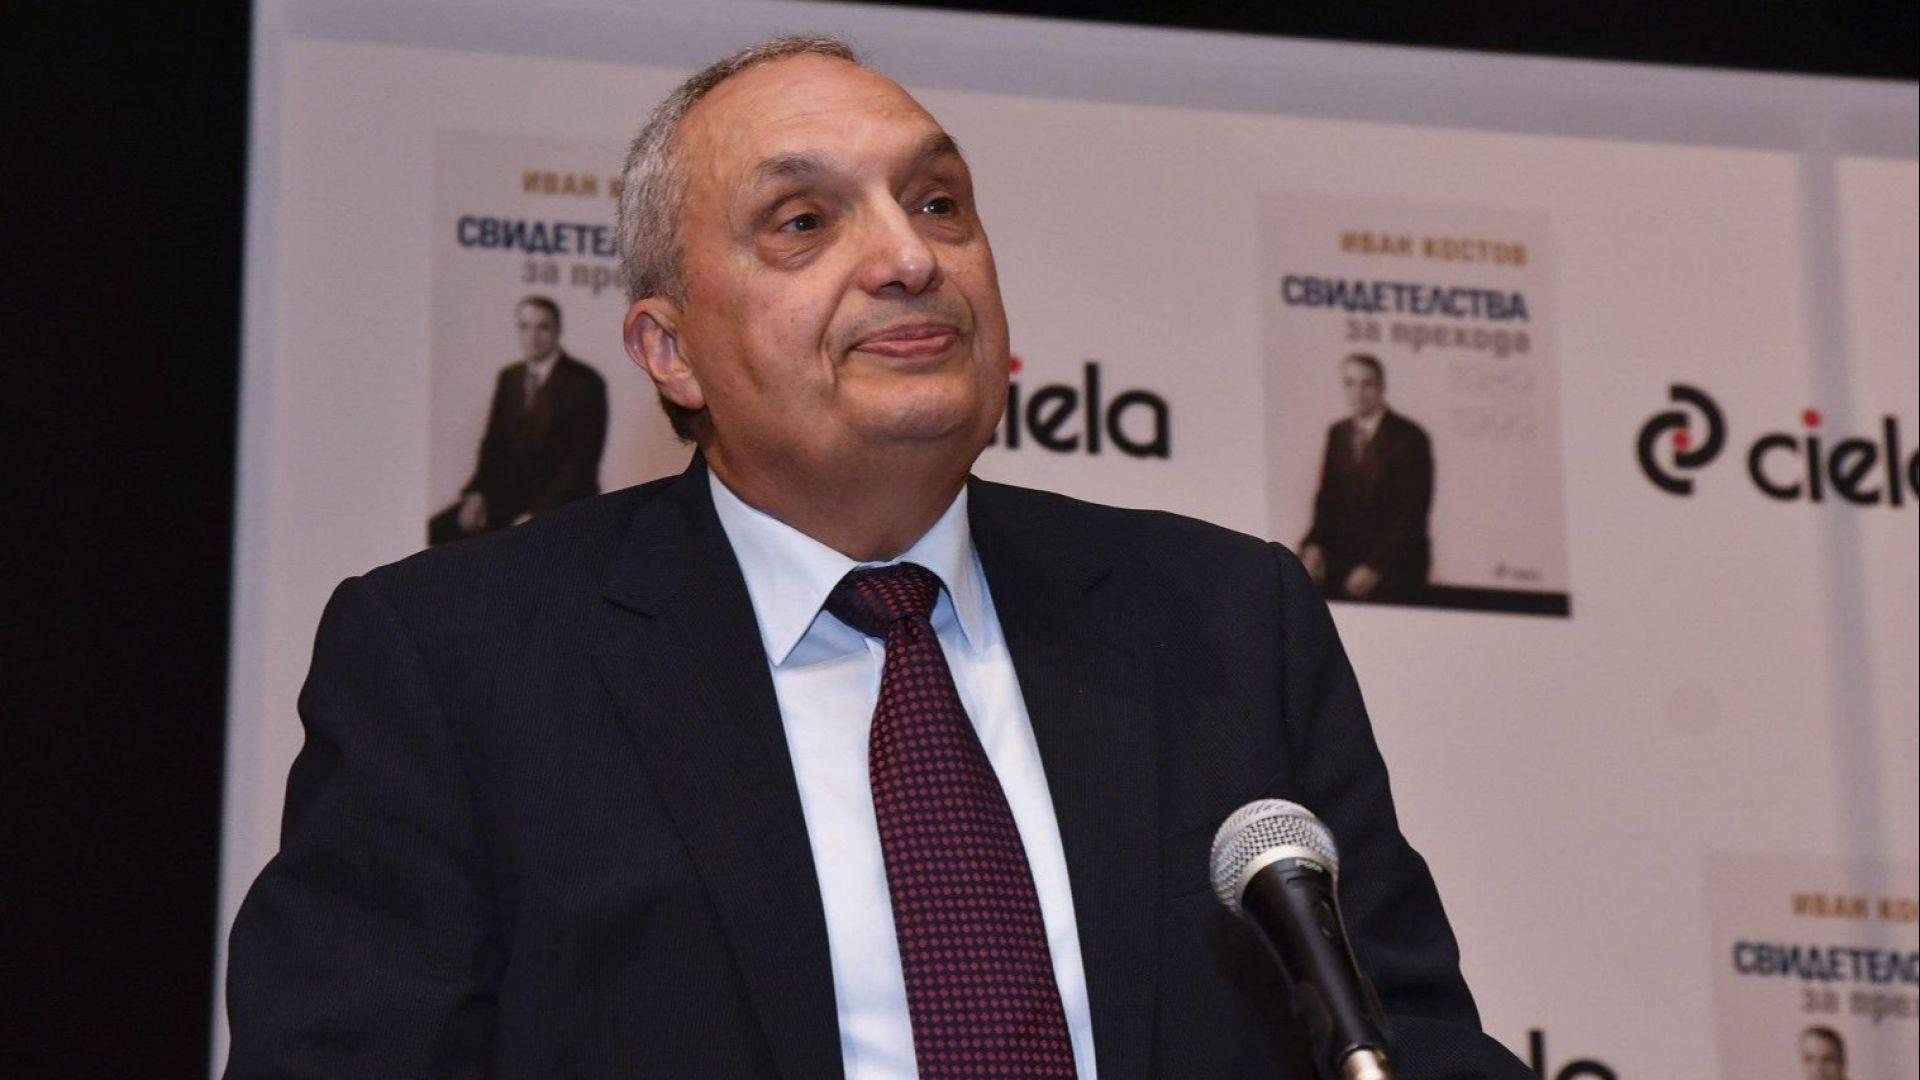 Иван Костов: ГЕРБ е в изолация, защото политиката не е угаждане на интереси